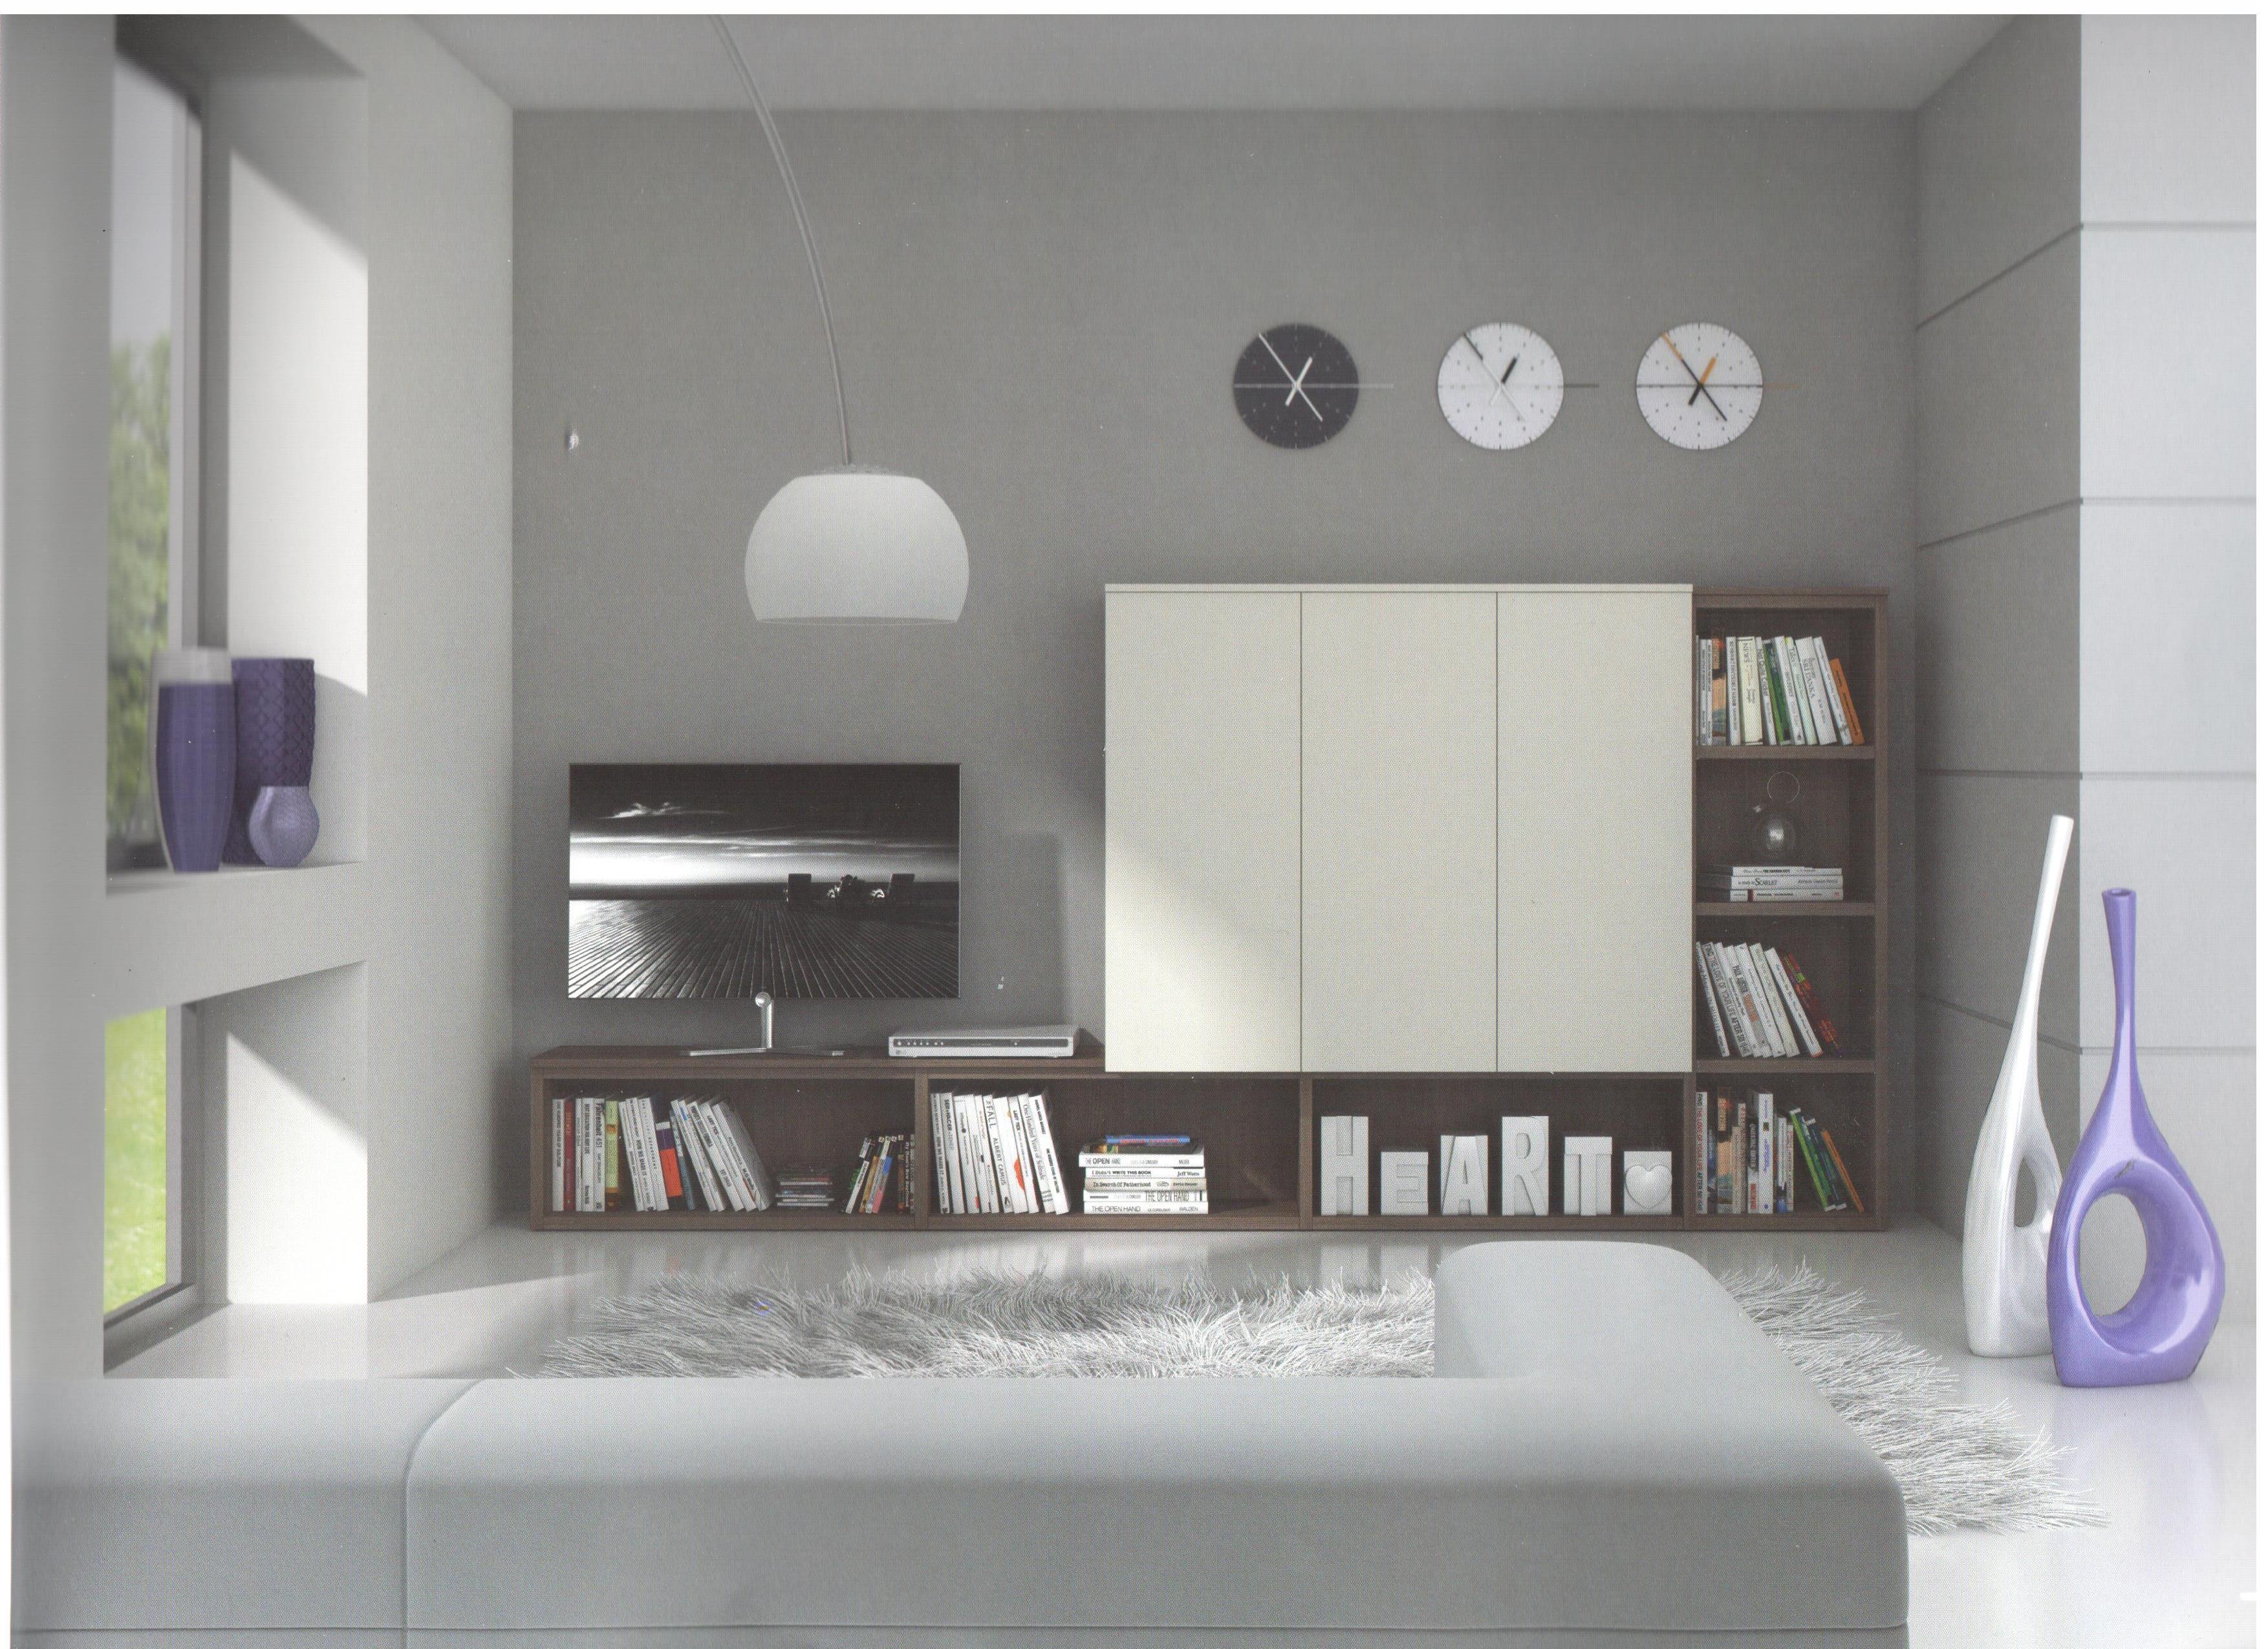 http://www.outletarredamento.it/img/soggiorni/offertissima-parete-soggiorno_O1.jpg